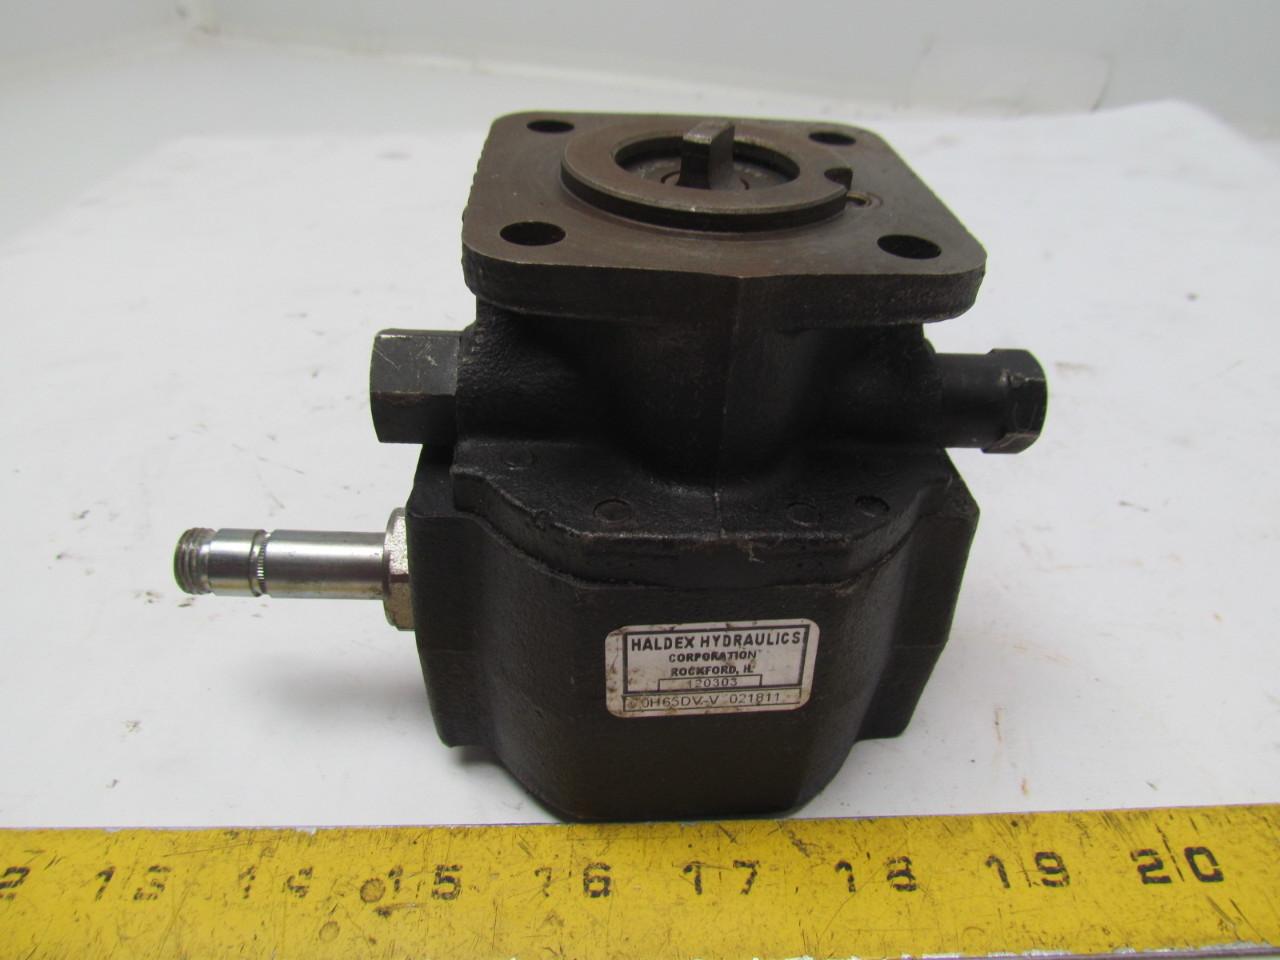 Haldex 0h65dv V 021811 Hydraulic Gear Pump Motor Ebay